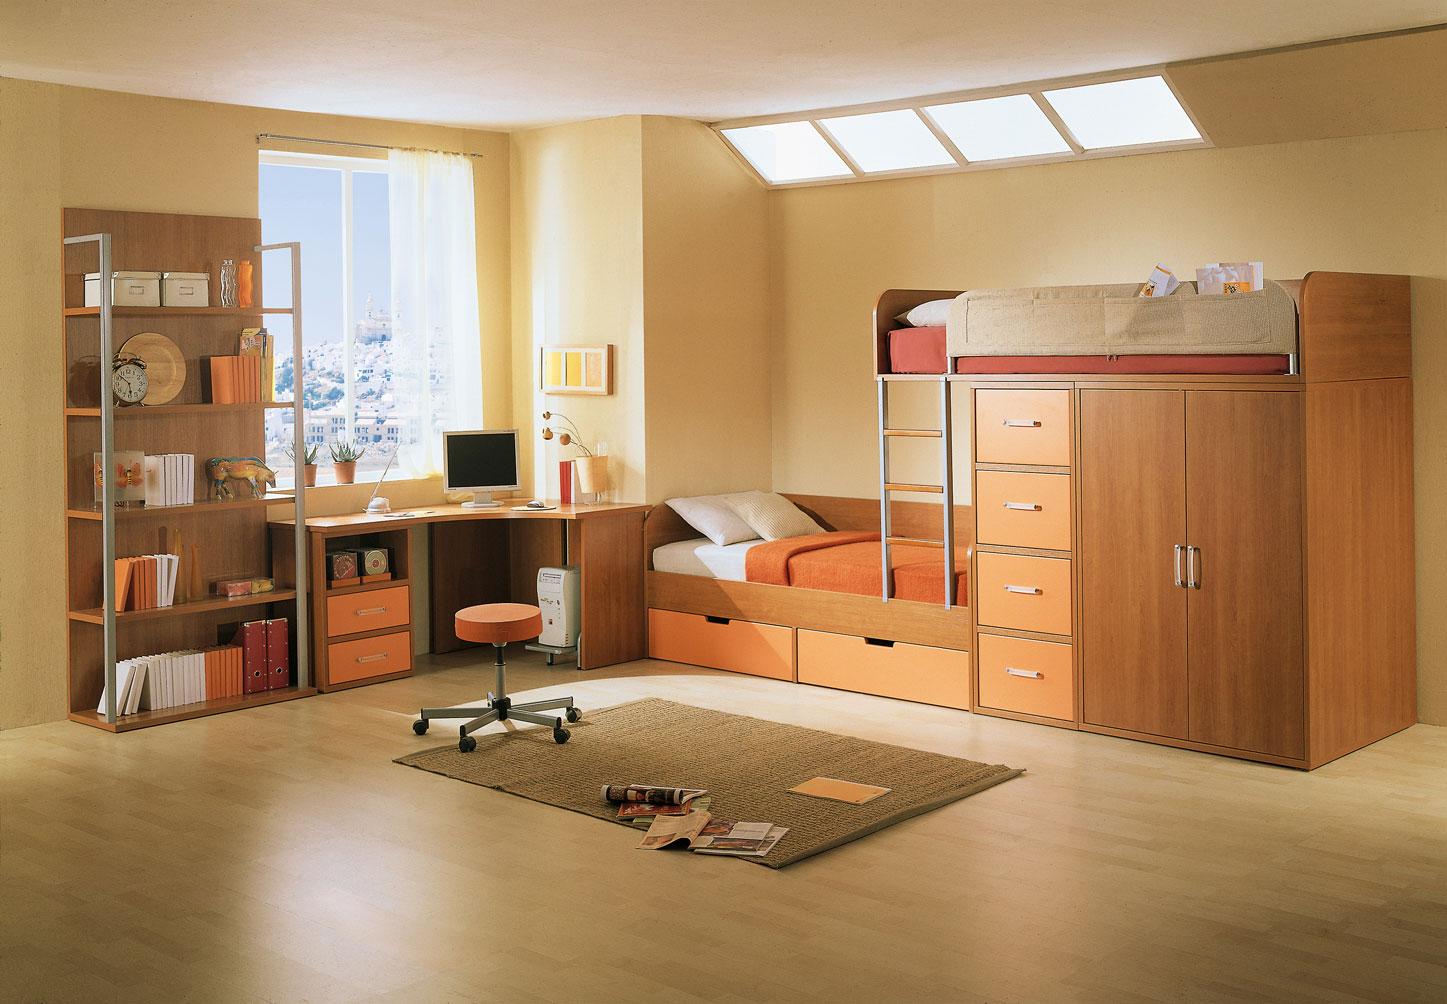 Как выбрать подходящую мебель для детской комнаты